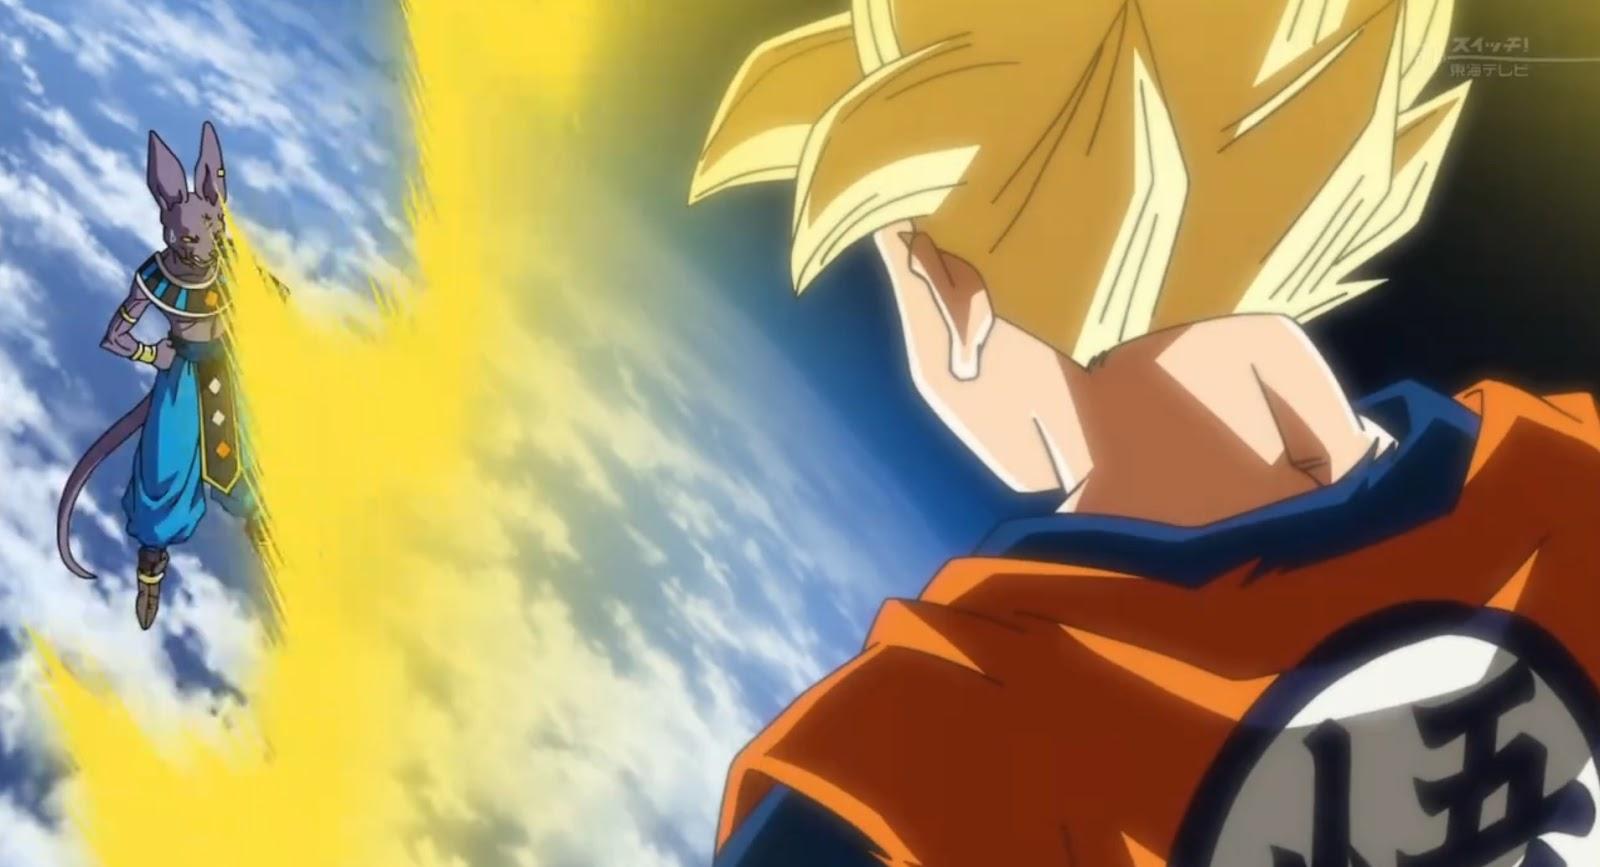 Dragon Ball Super Dublado Episódio 13, Assistir Dragon Ball Super Dublado Episódio 13, Dragon Ball Super Dublado , Dragon Ball Super Dublado - Episódio 13,